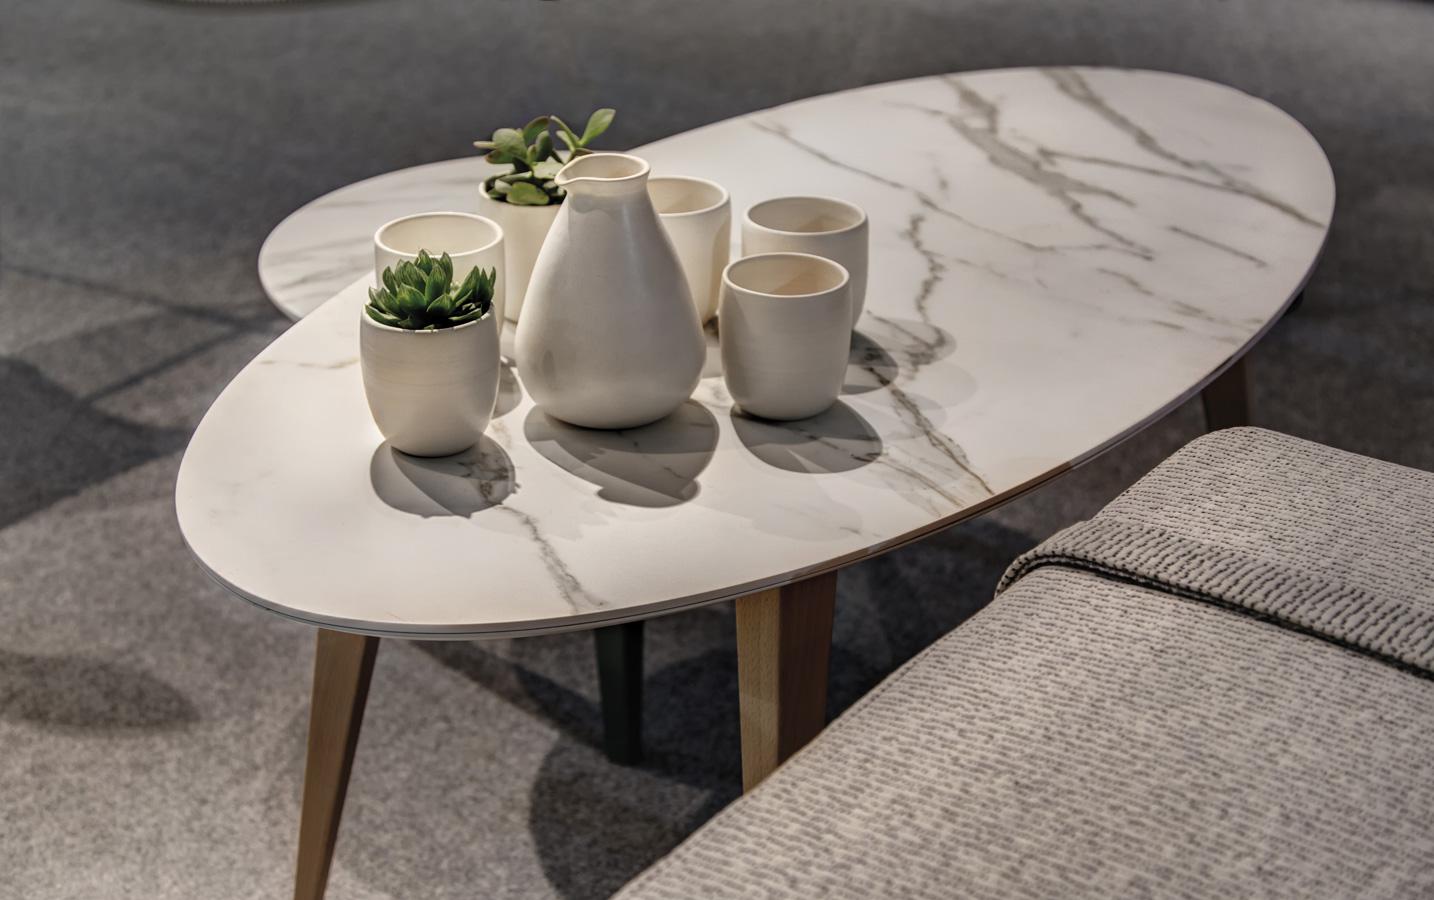 idee per tavoli micunco stone design3